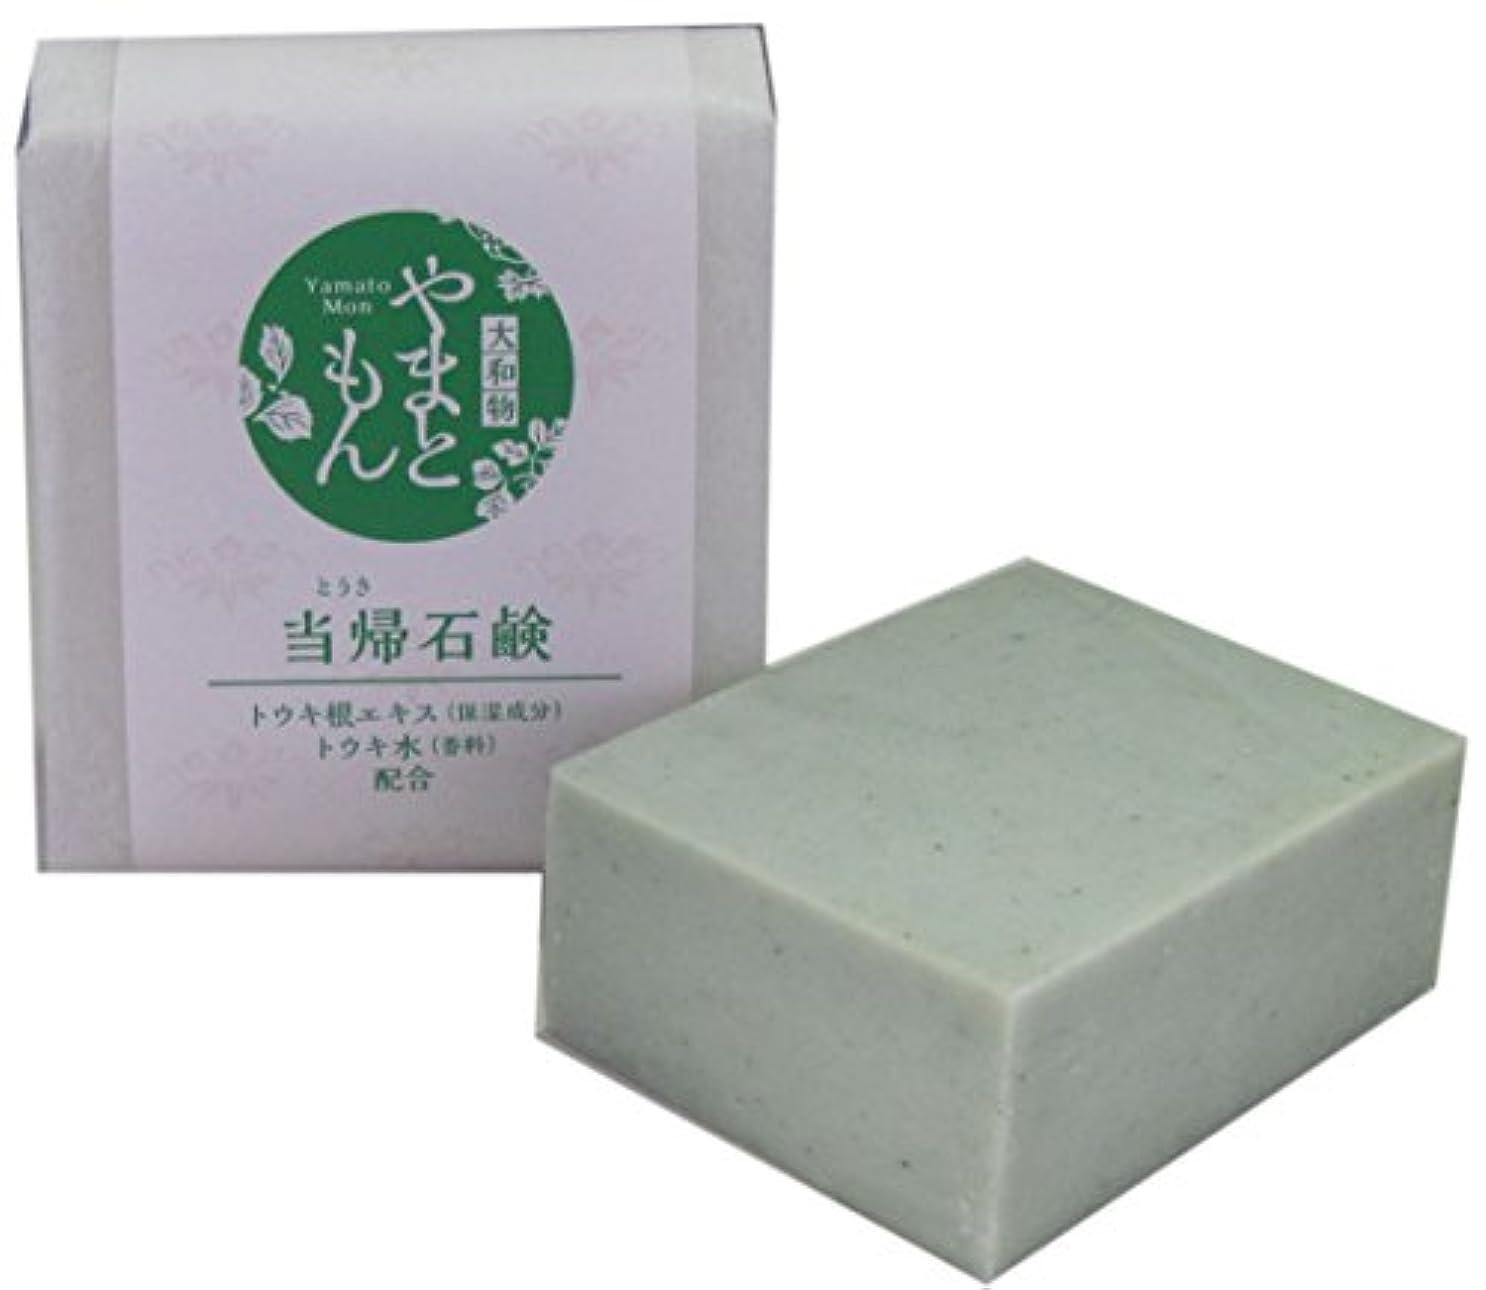 福祉ストリーム家具奈良産和漢生薬エキス使用やまともん化粧品 当帰石鹸(とうきせっけん」)